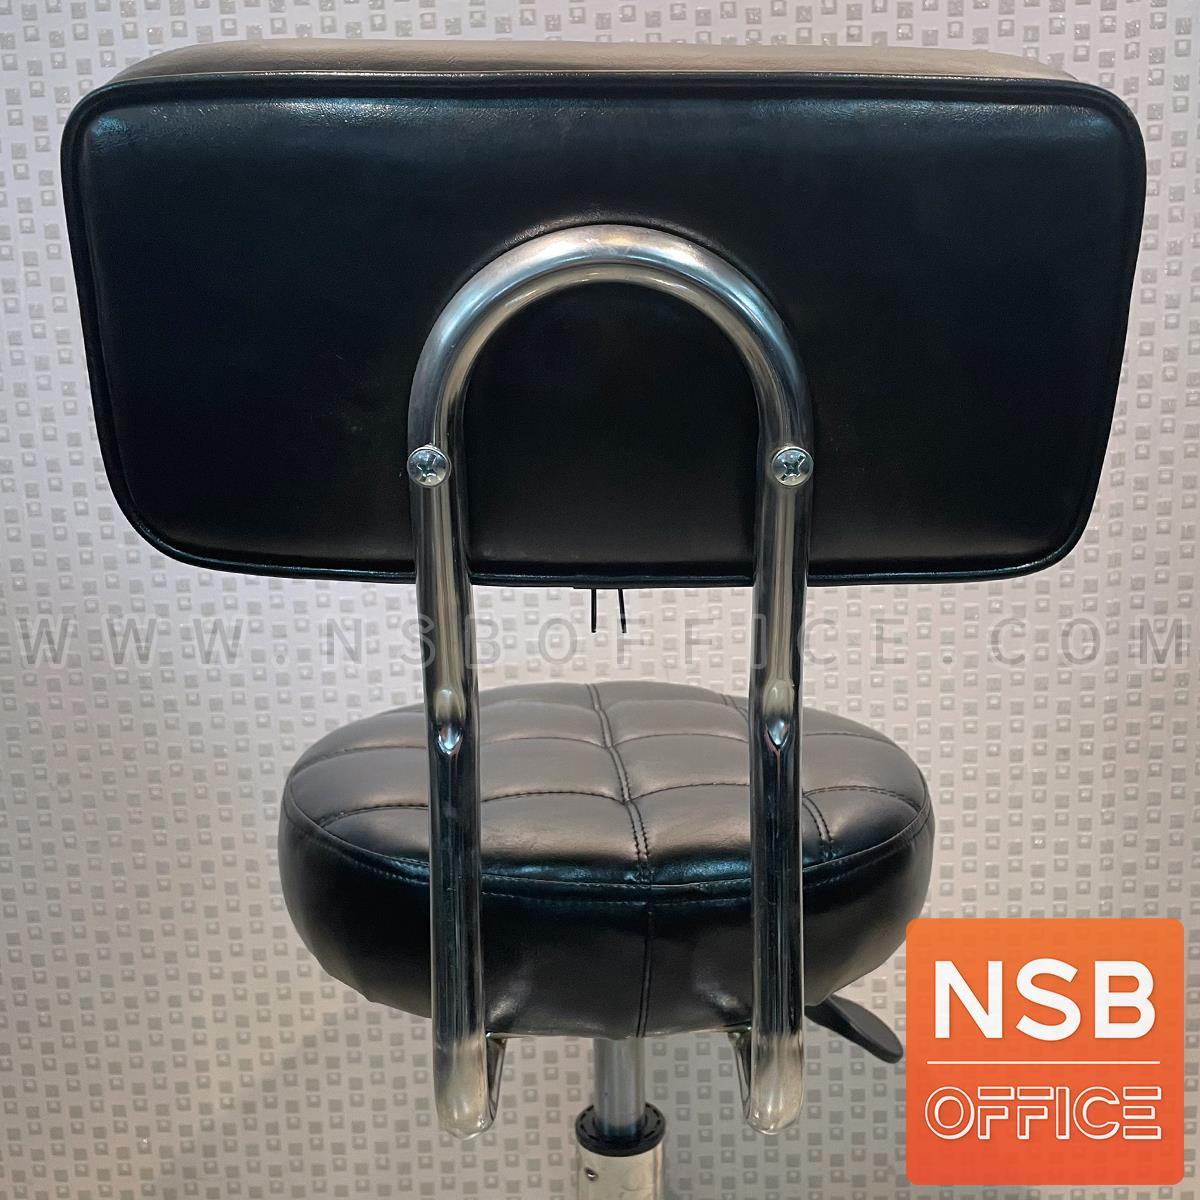 เก้าอี้บาร์สตูลที่นั่งกลม มีพนักพิง รุ่น Blacksmith   โช๊คแก๊ส ขาเหล็กชุบโครเมี่ยม ล้อเลื่อน